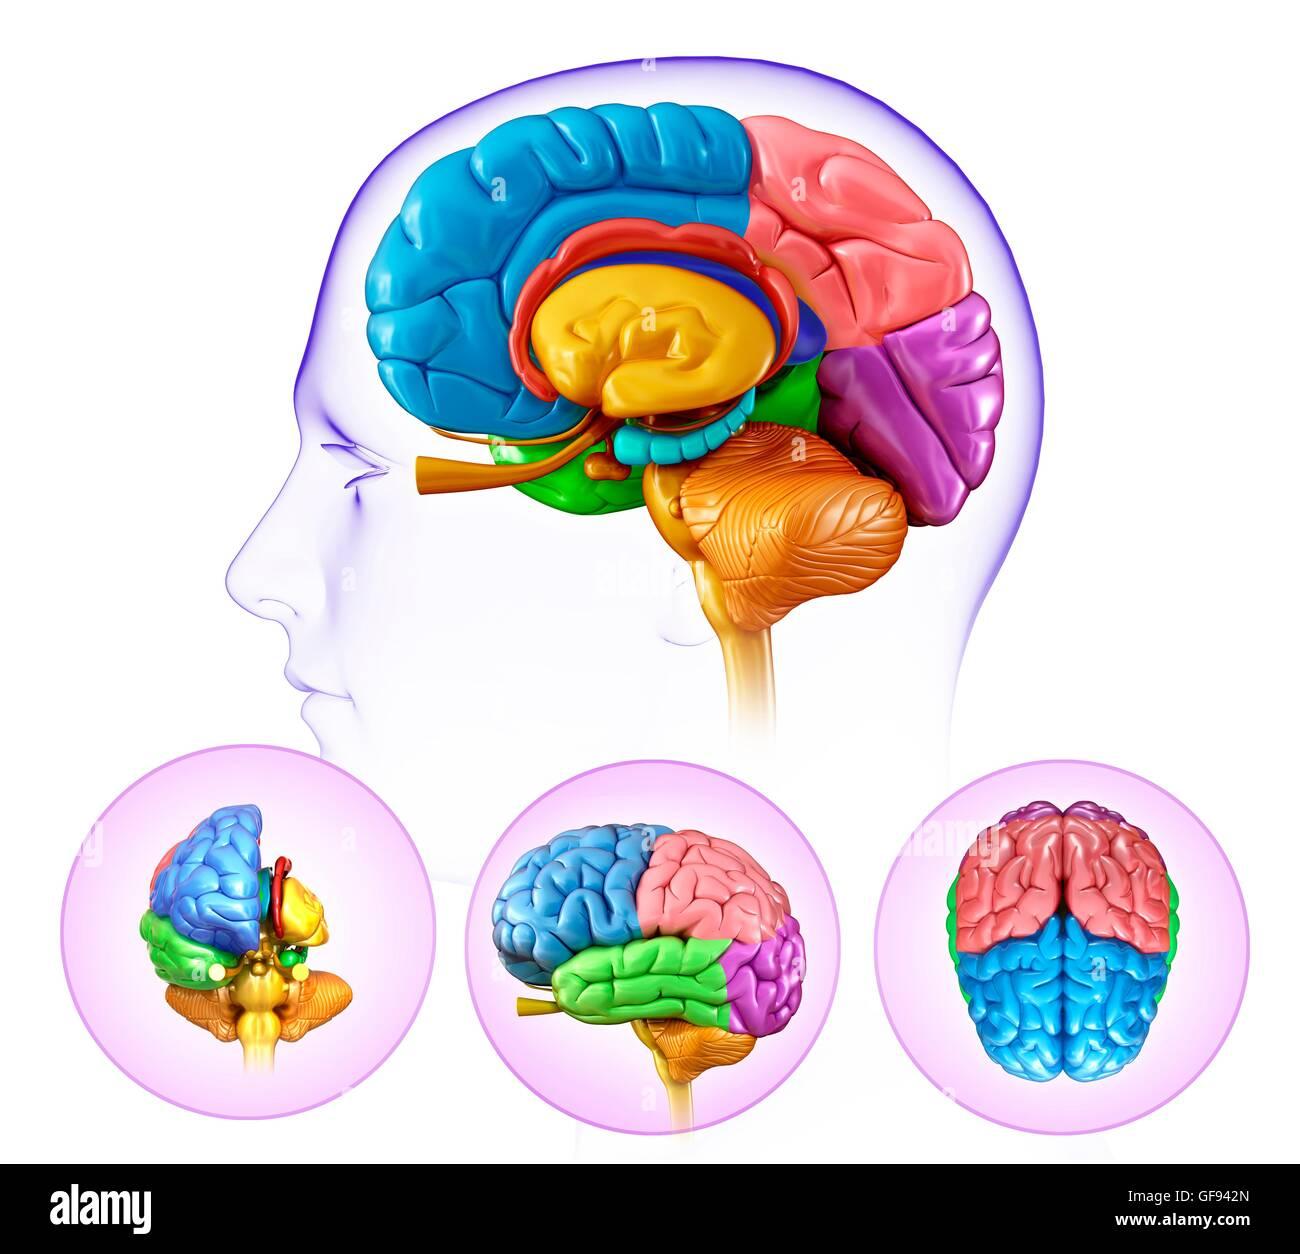 Darstellung der Anatomie des menschlichen Gehirns Stockfoto, Bild ...